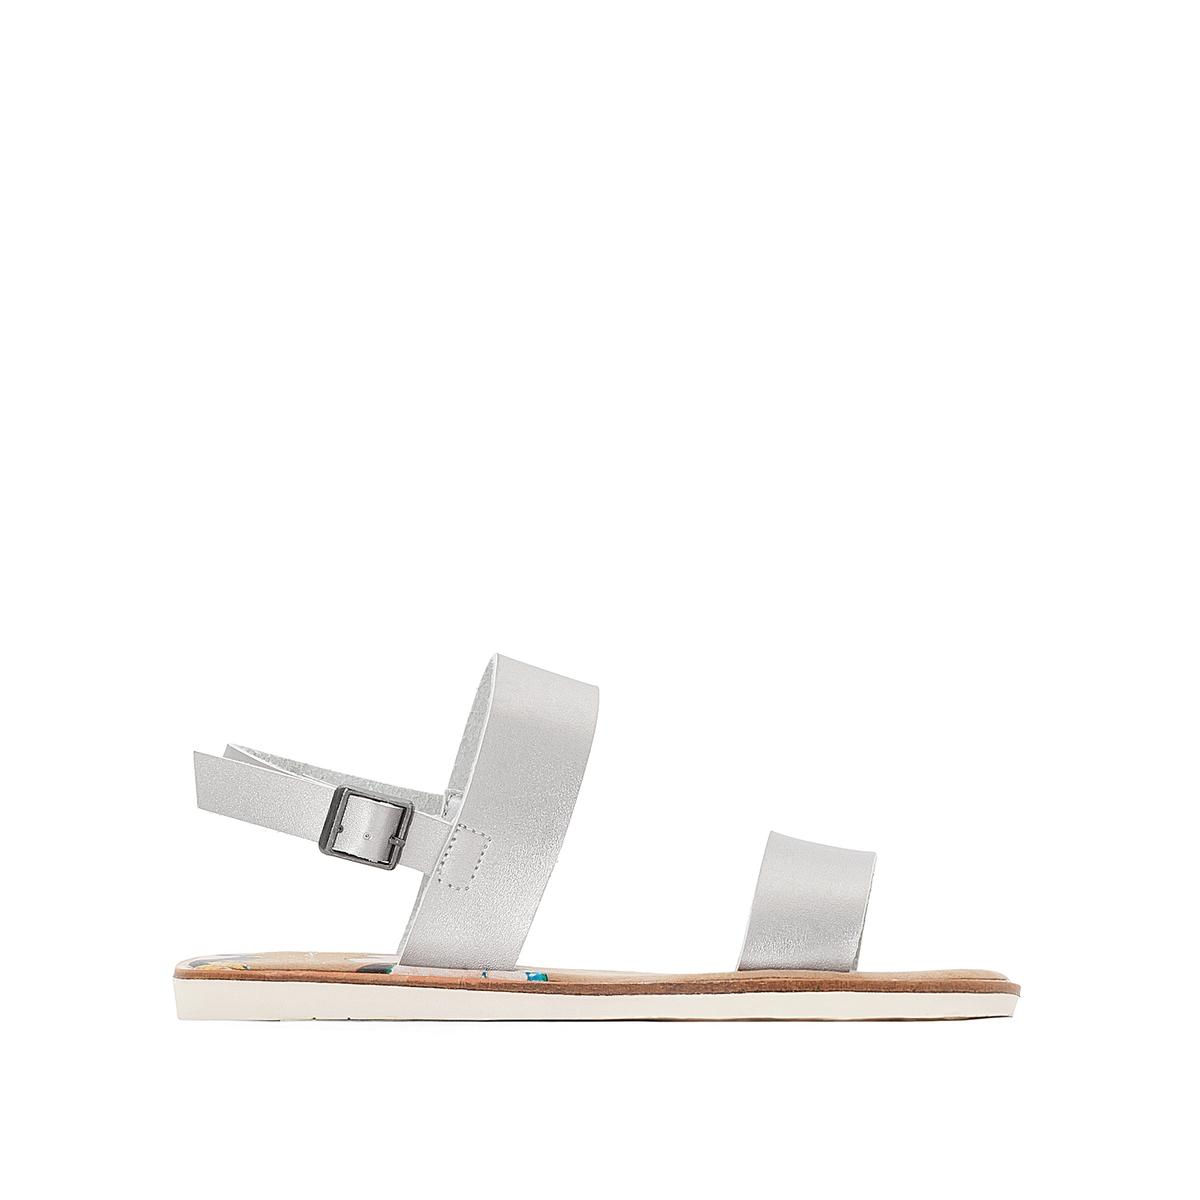 Босоножки MorelВерх/Голенище : синтетика   Стелька : микрофибра  Подошва : каучук   Форма каблука : плоский каблук  Мысок : закругленный мысок  Застежка : пряжка<br><br>Цвет: серебристый<br>Размер: 36.38.39